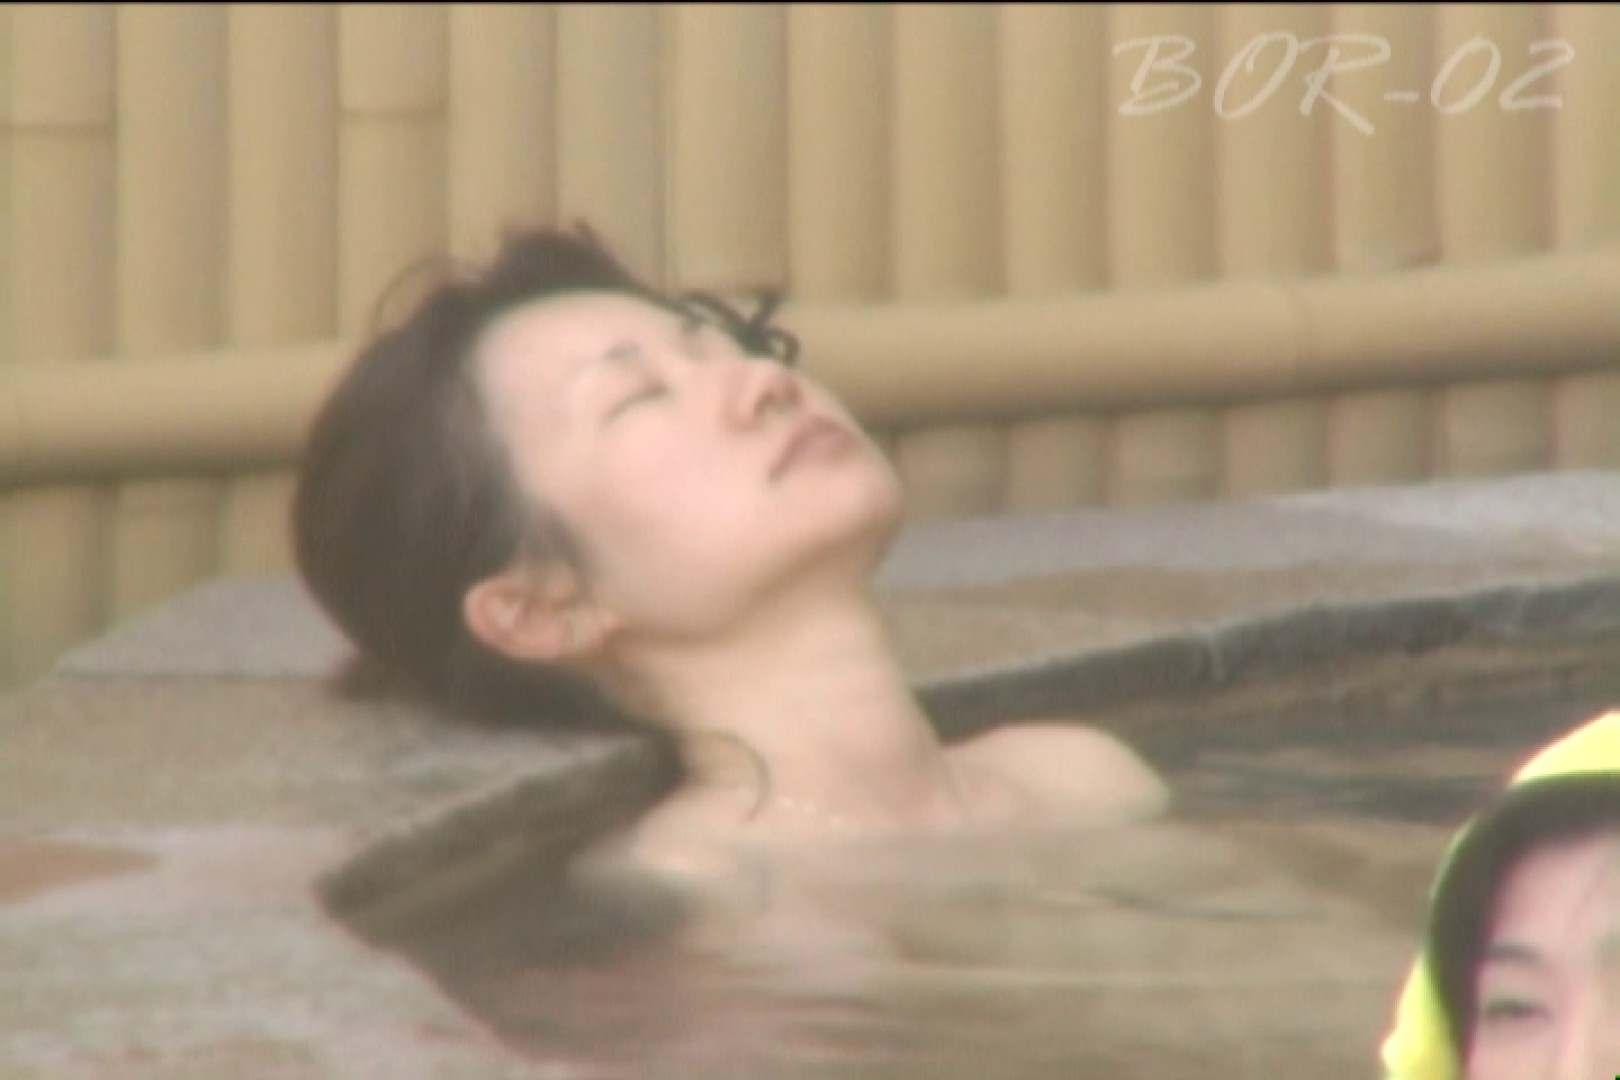 Aquaな露天風呂Vol.477 美しいOLの裸体  90pic 33